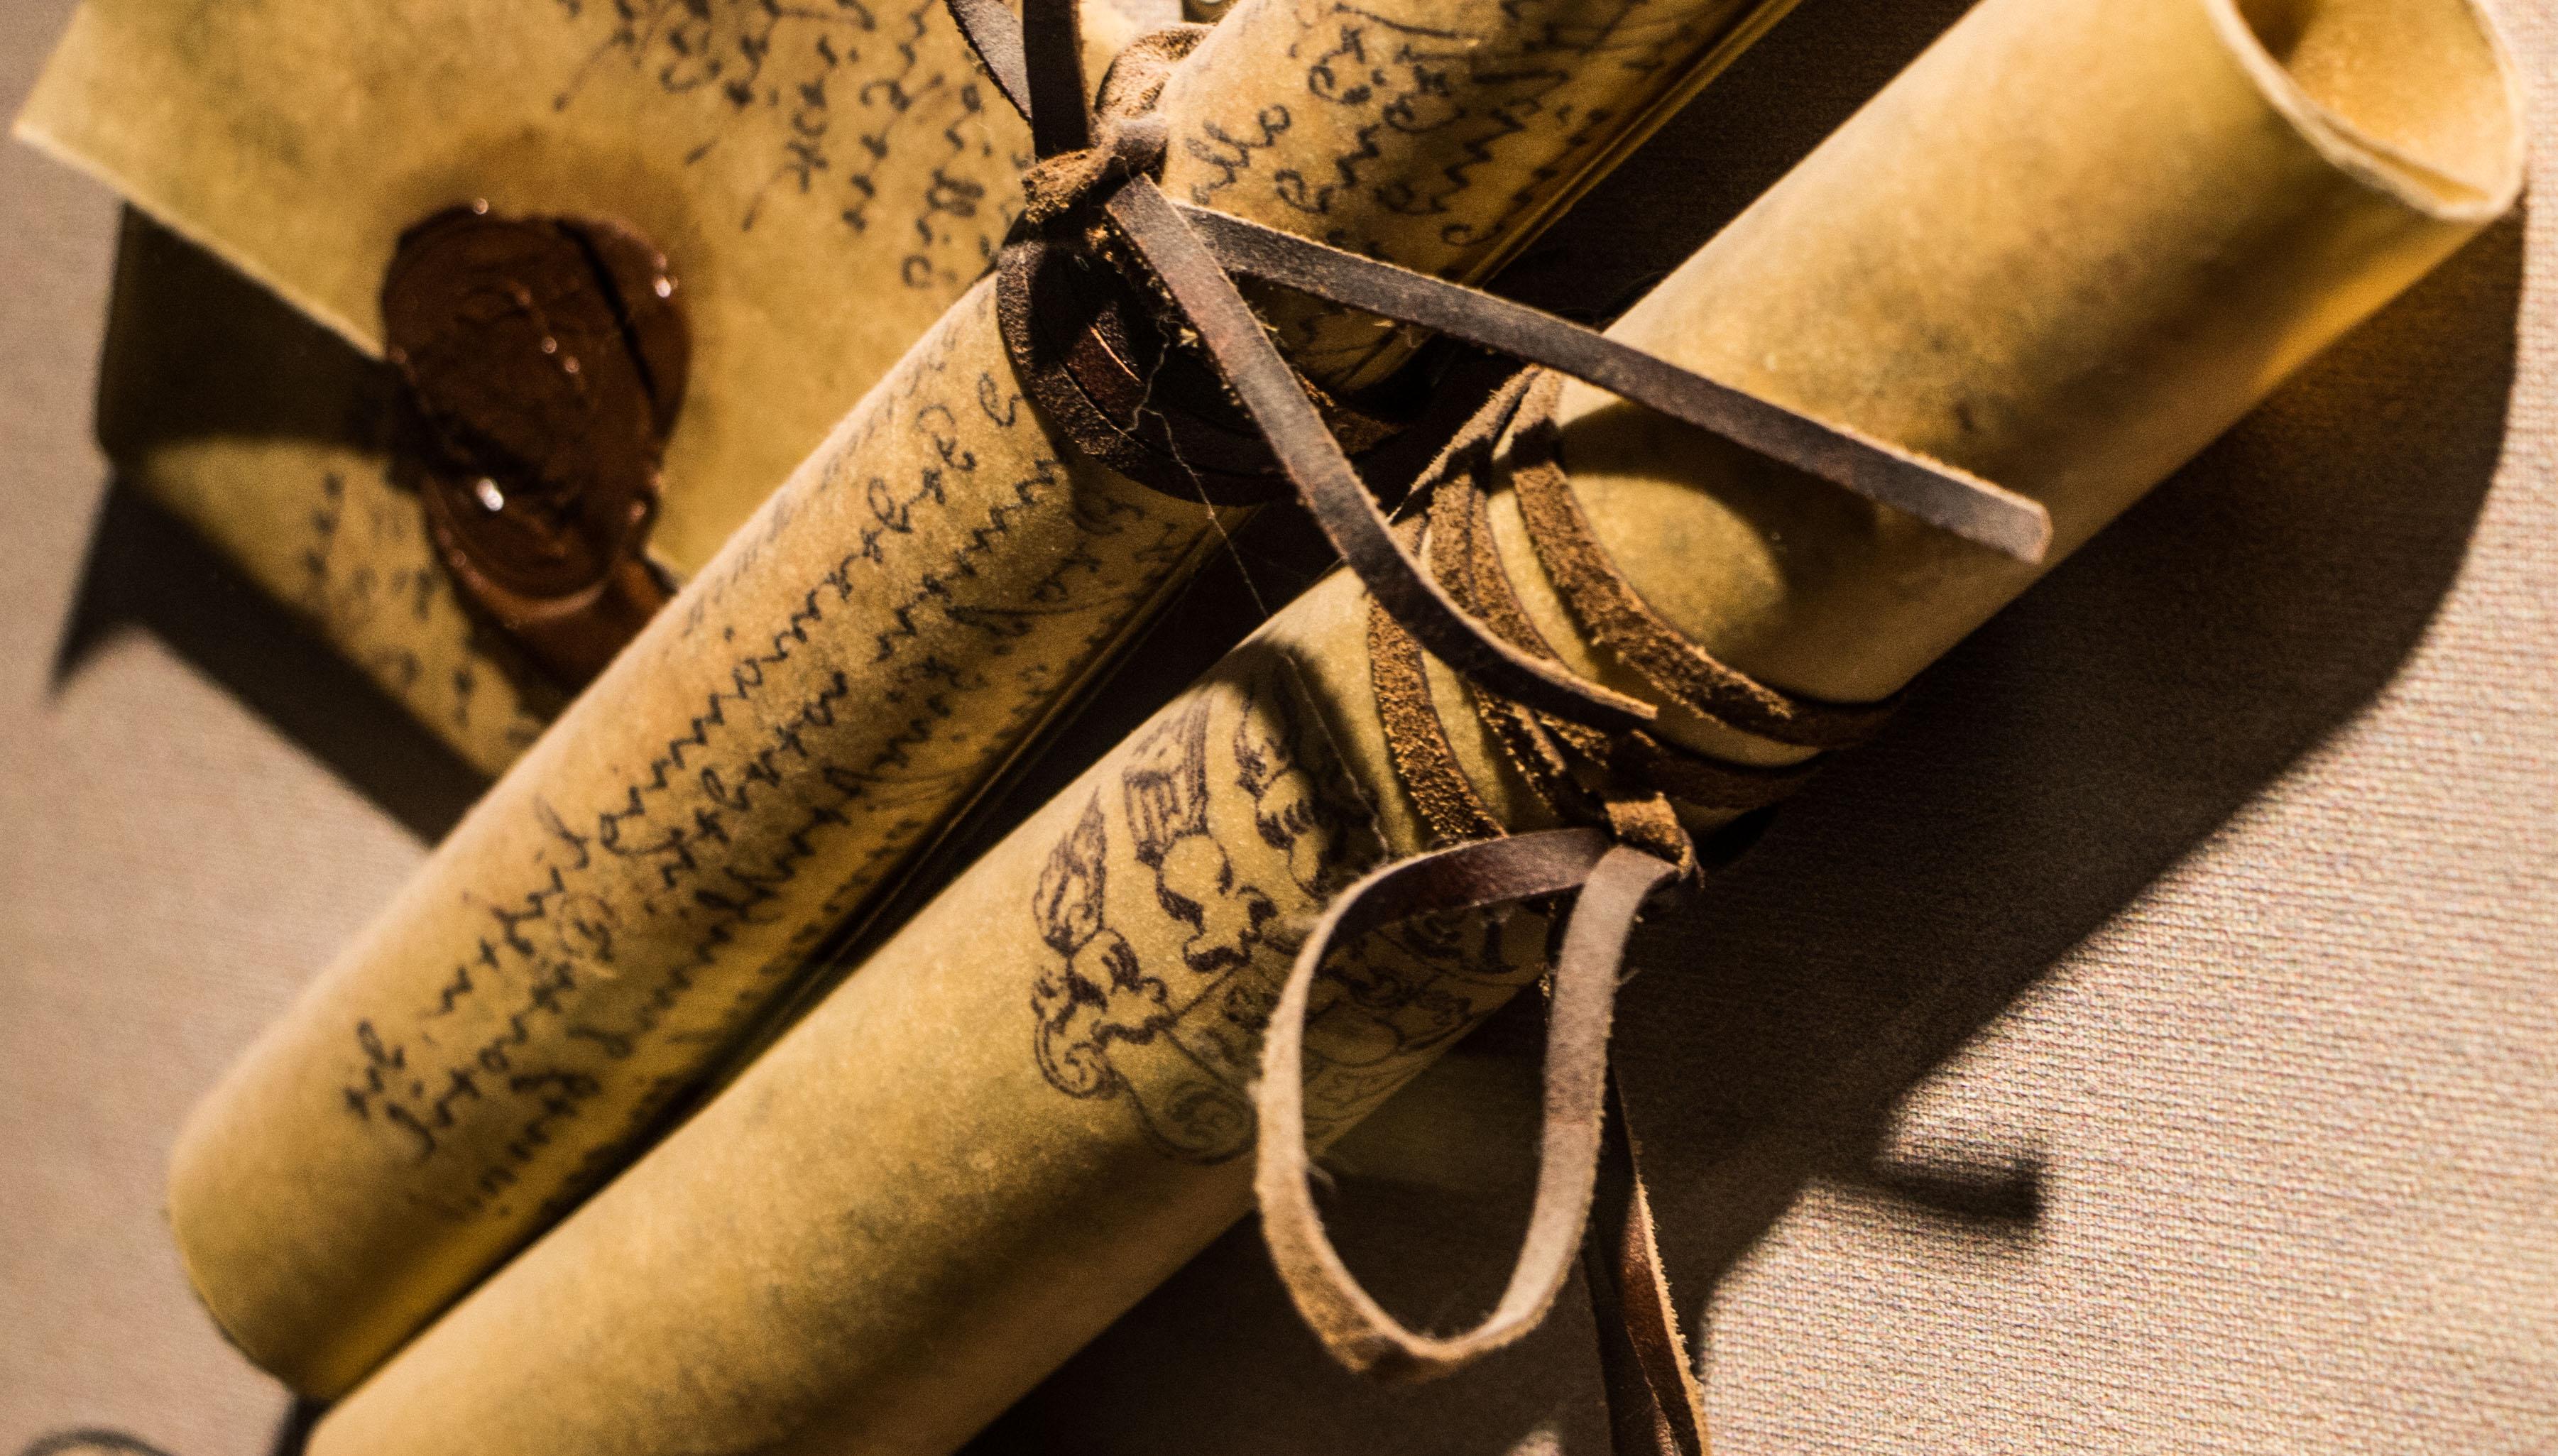 Old Letter Rolls, Parchment, Paper, Past, Receive, HQ Photo